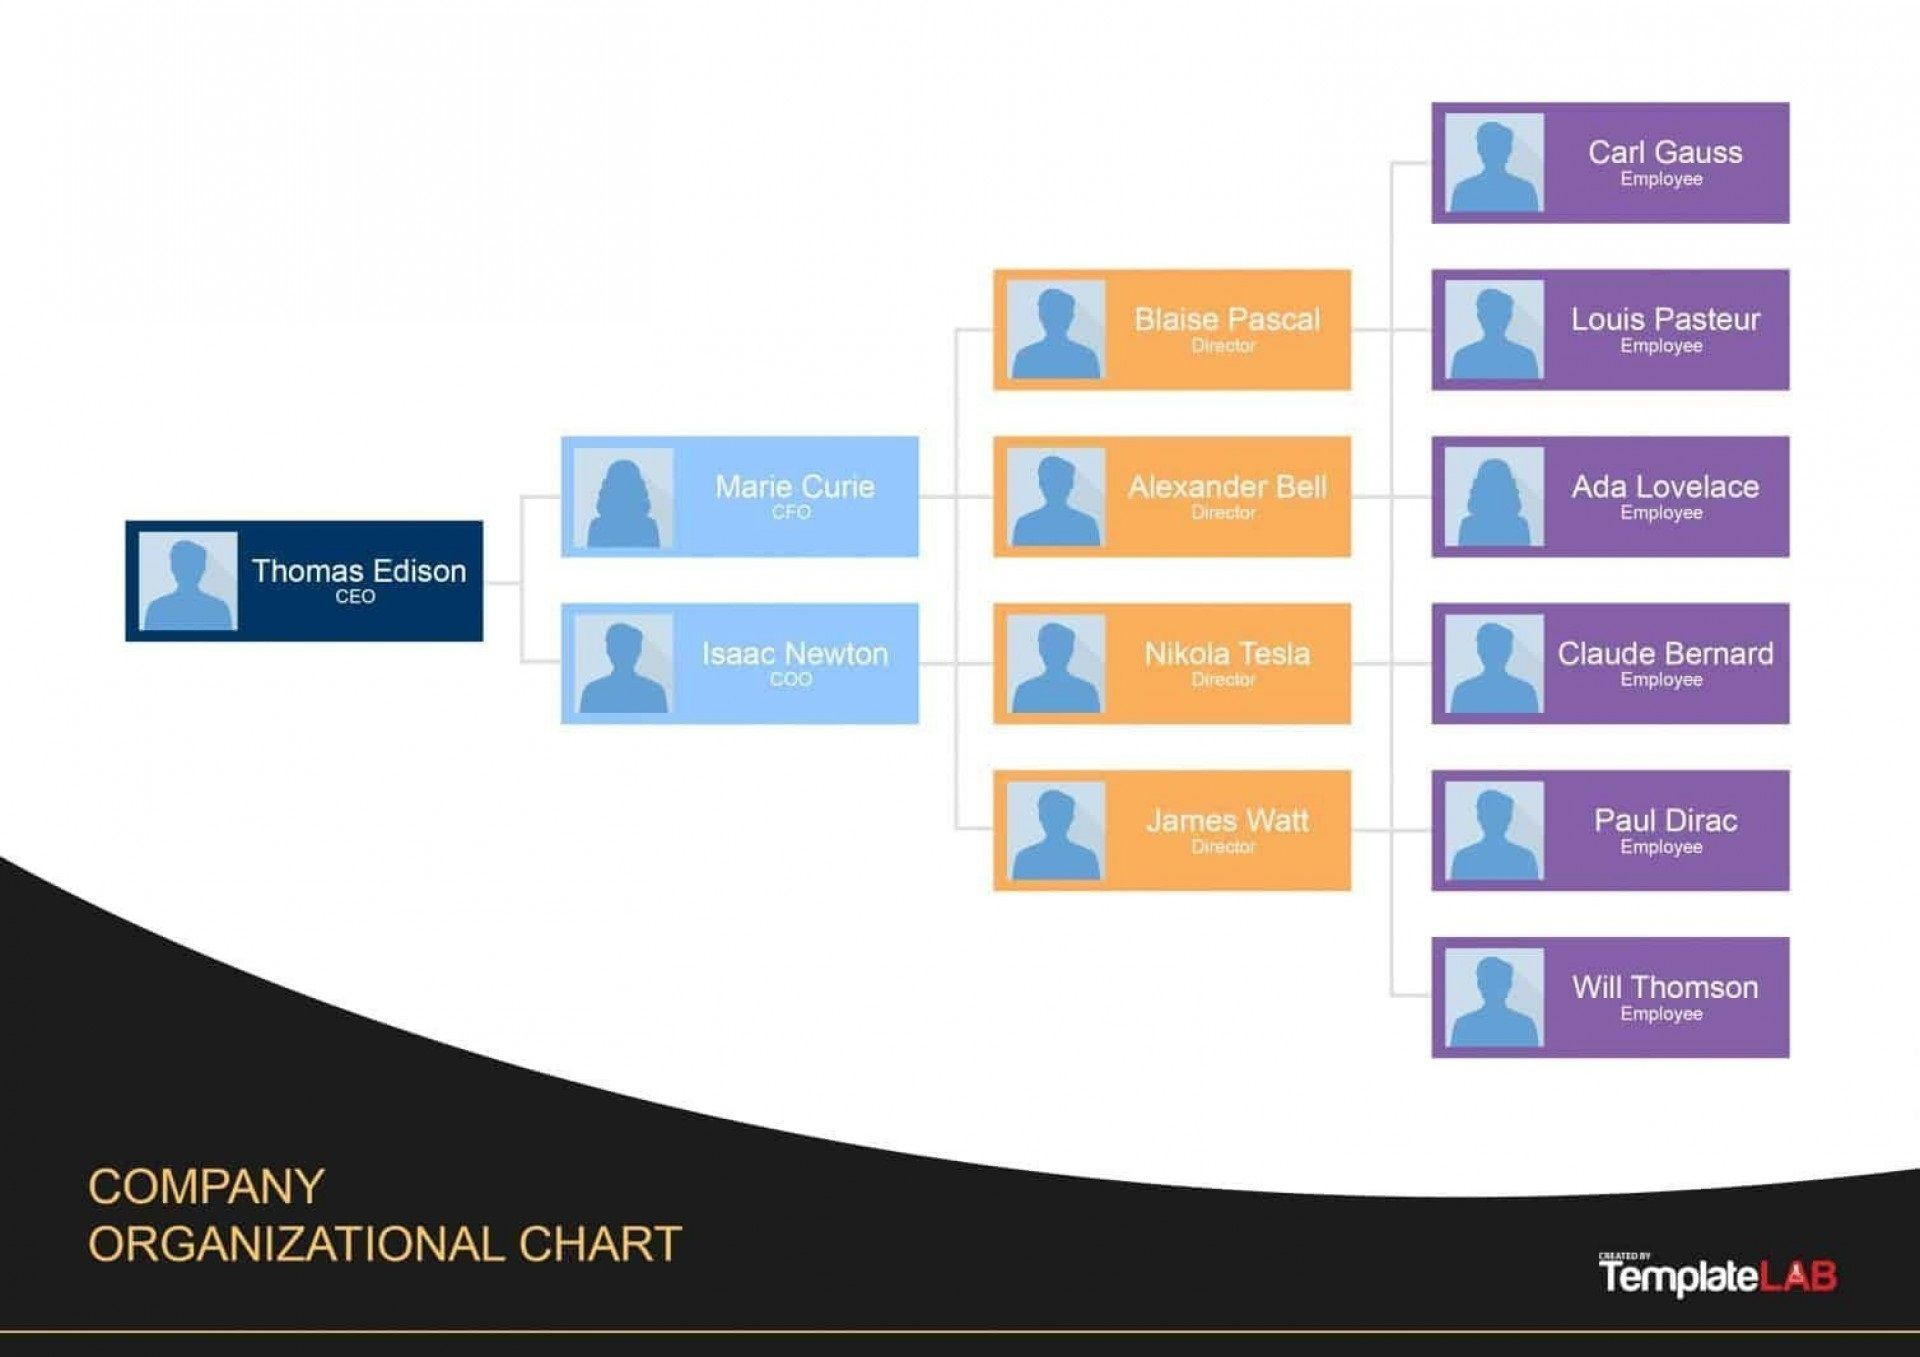 008 Marvelou Organization Chart Template Word 2013 Inspiration  Organizational Free Microsoft1920